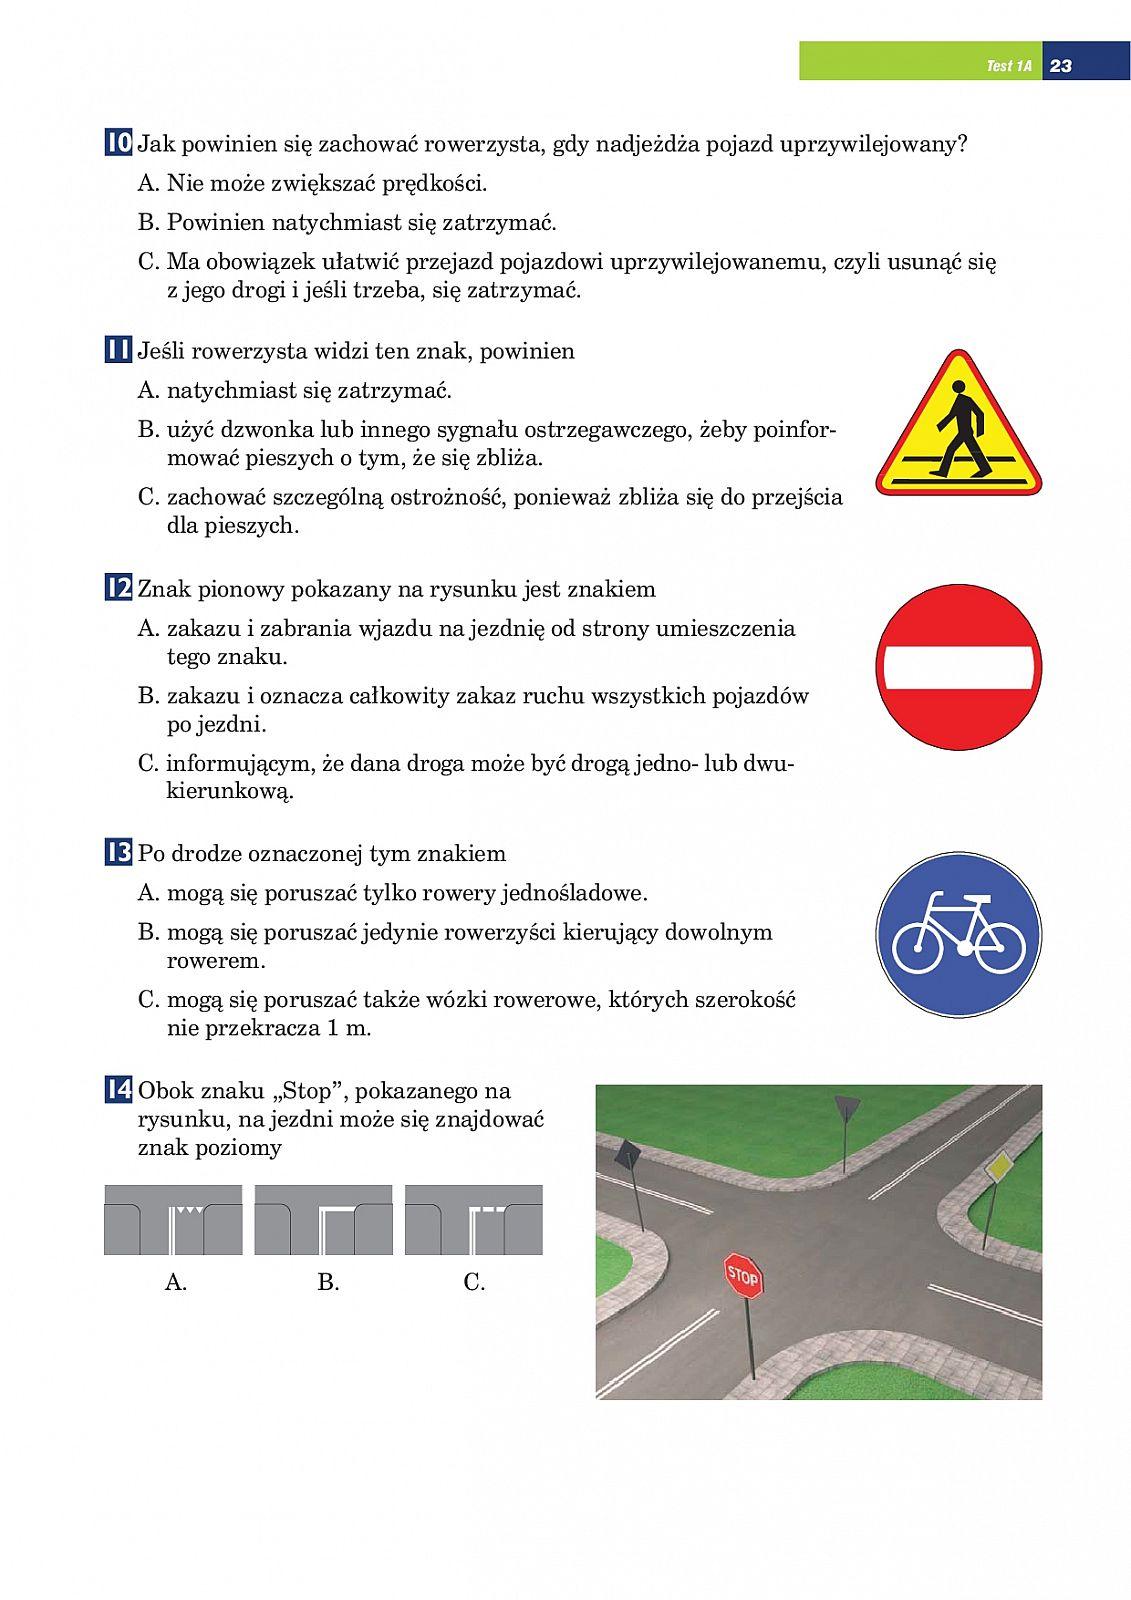 testy na karte rowerową do rozwiązania